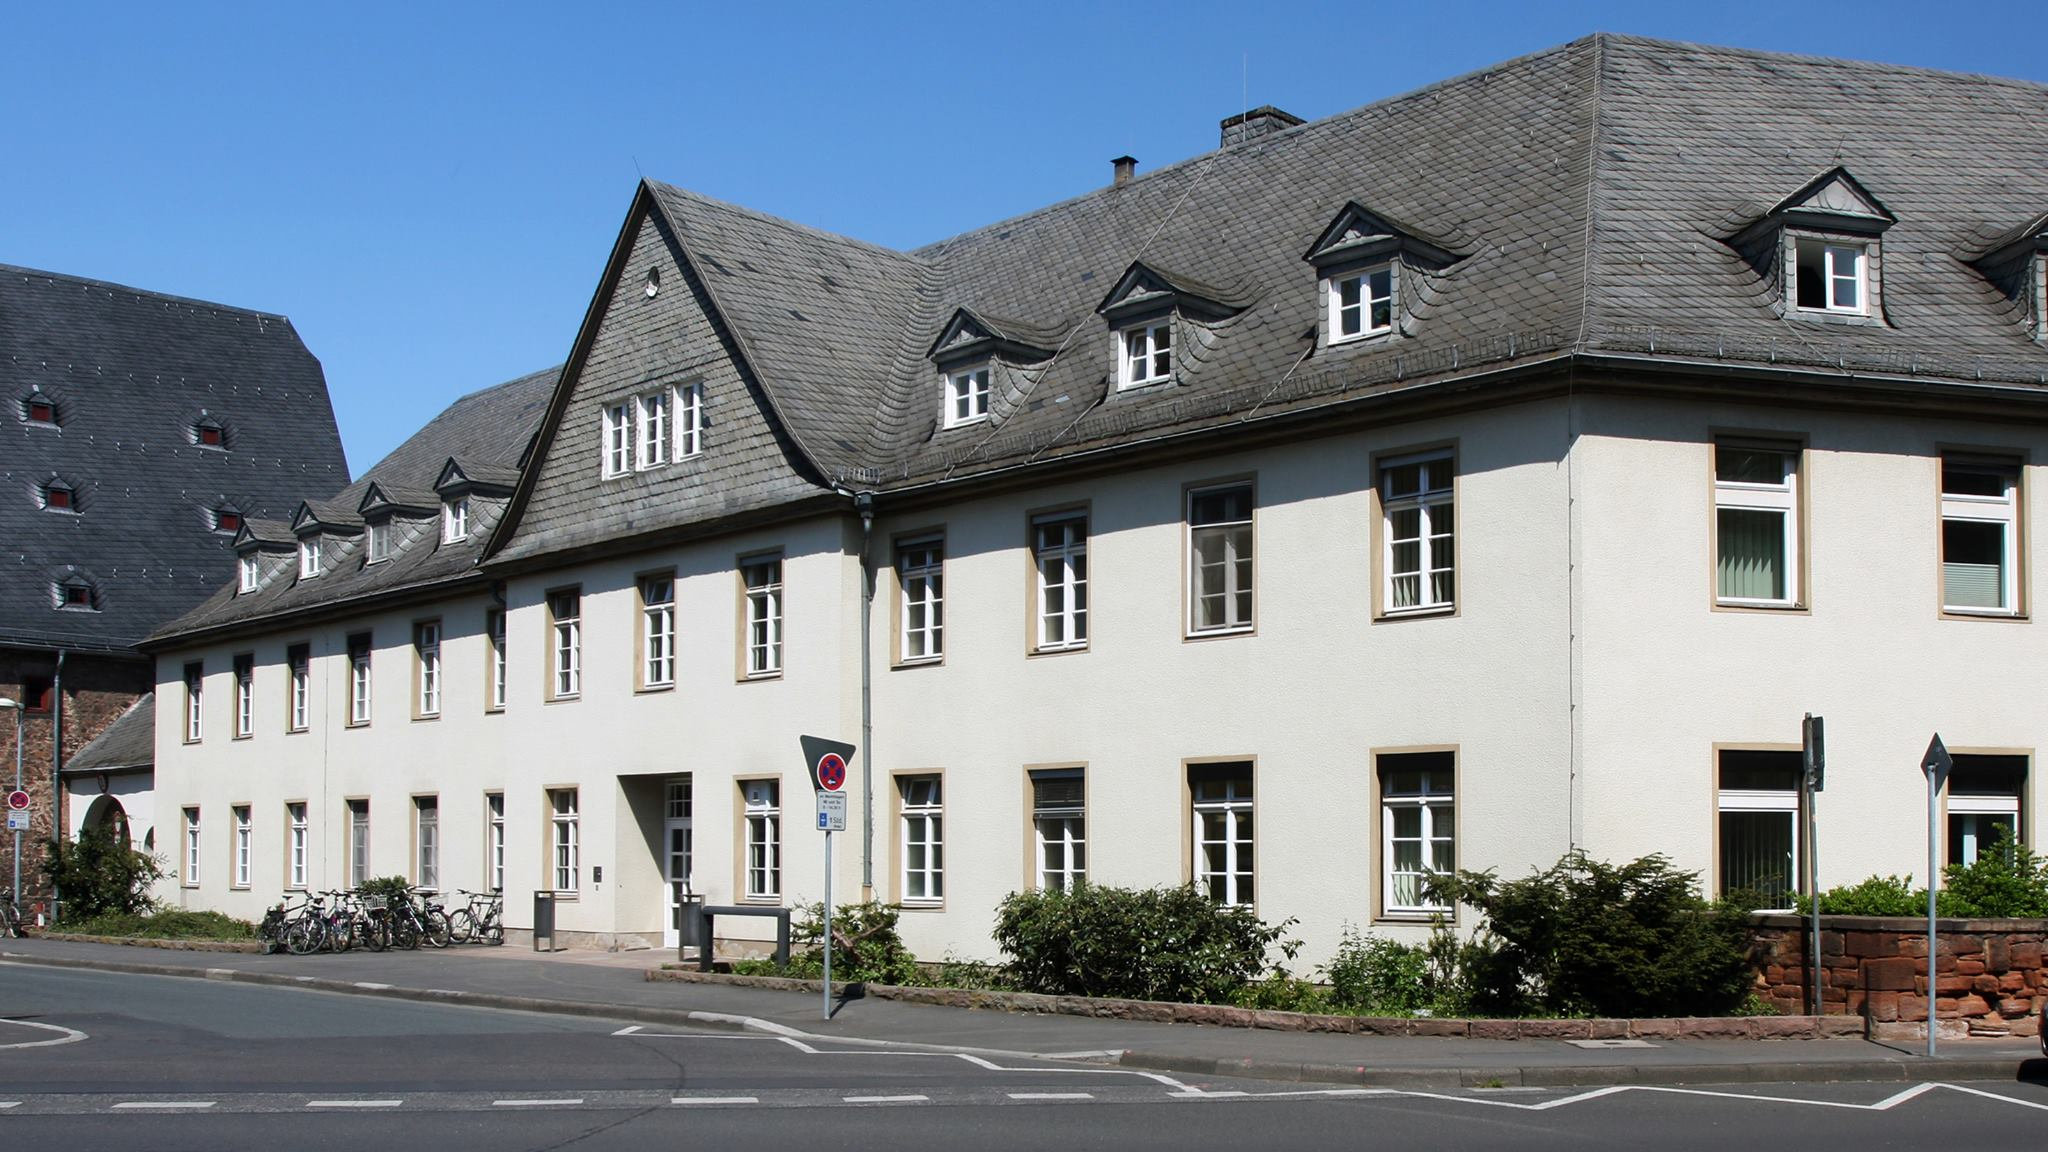 جامعة ماربورج الألمانية تمنح رئيس قسم الآثار صفة أستاذ زائر